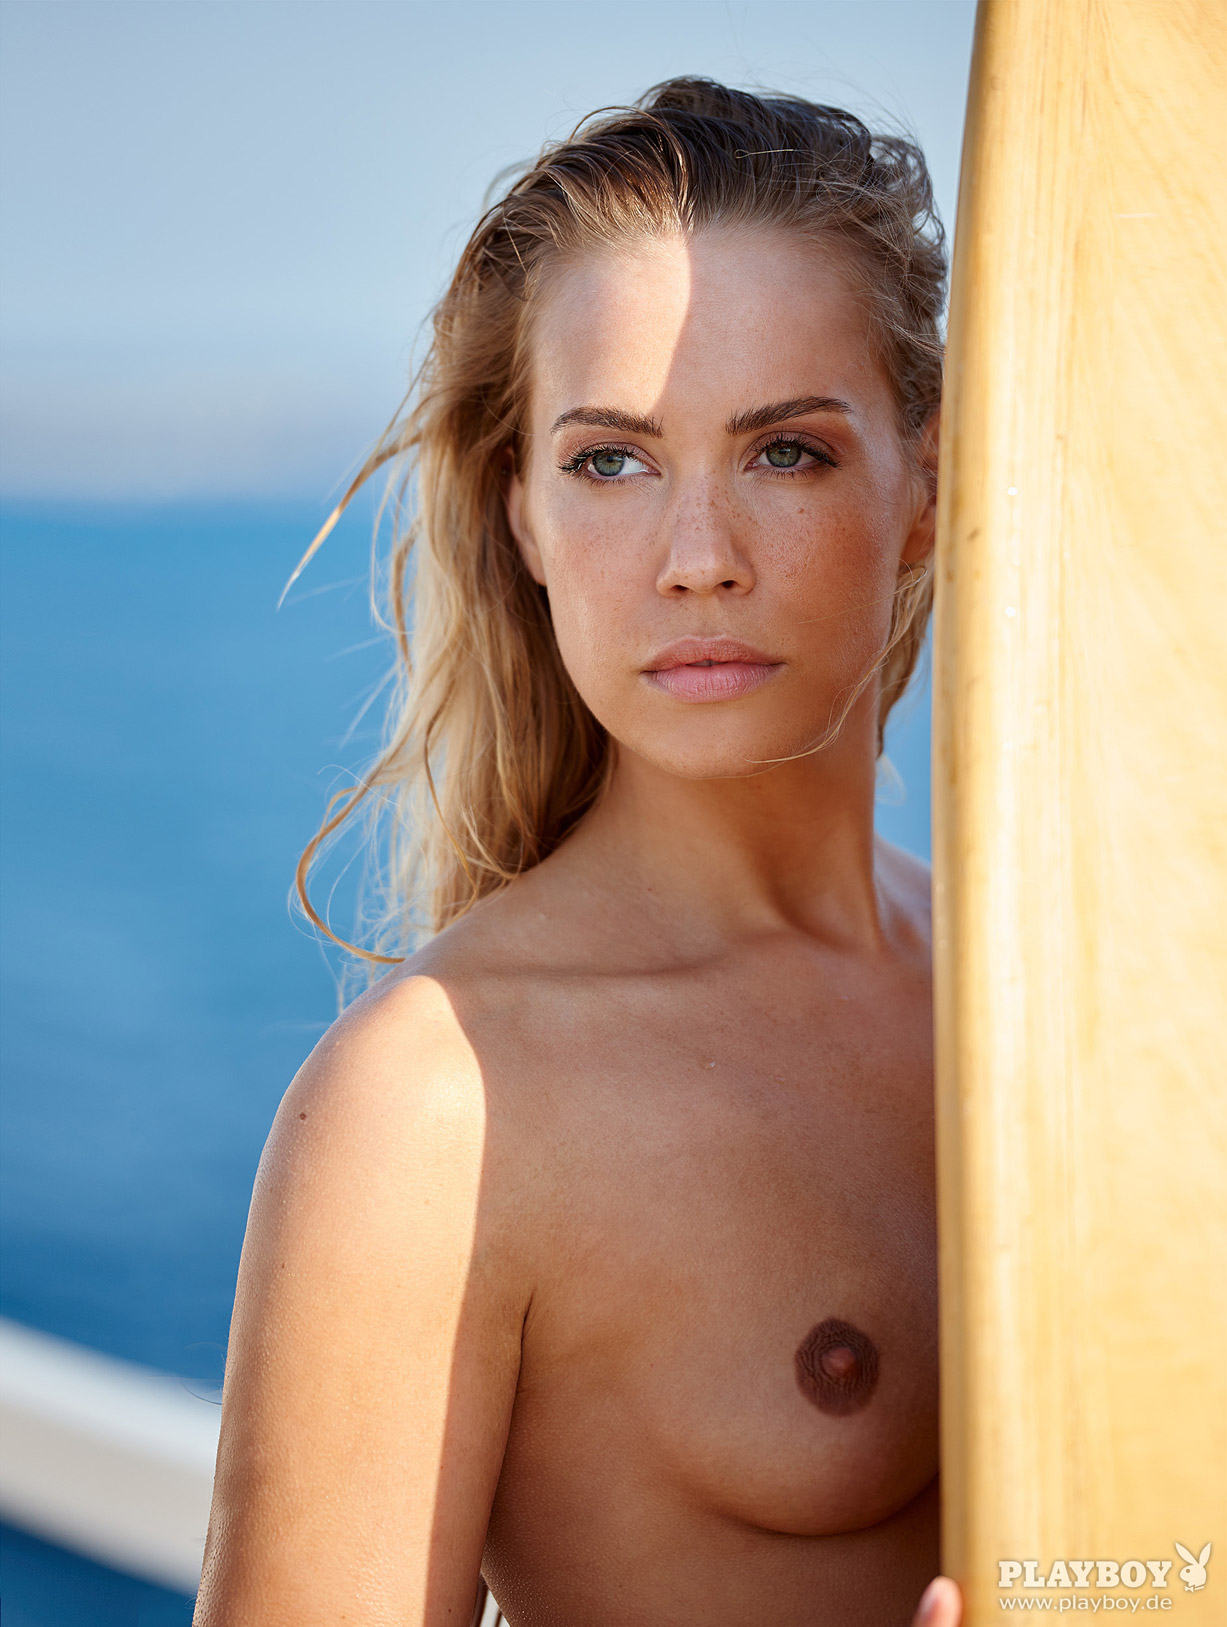 актриса Лара-Изабель Рентин / Lara-Isabelle Rentinck nude - Playboy Germany august 2016